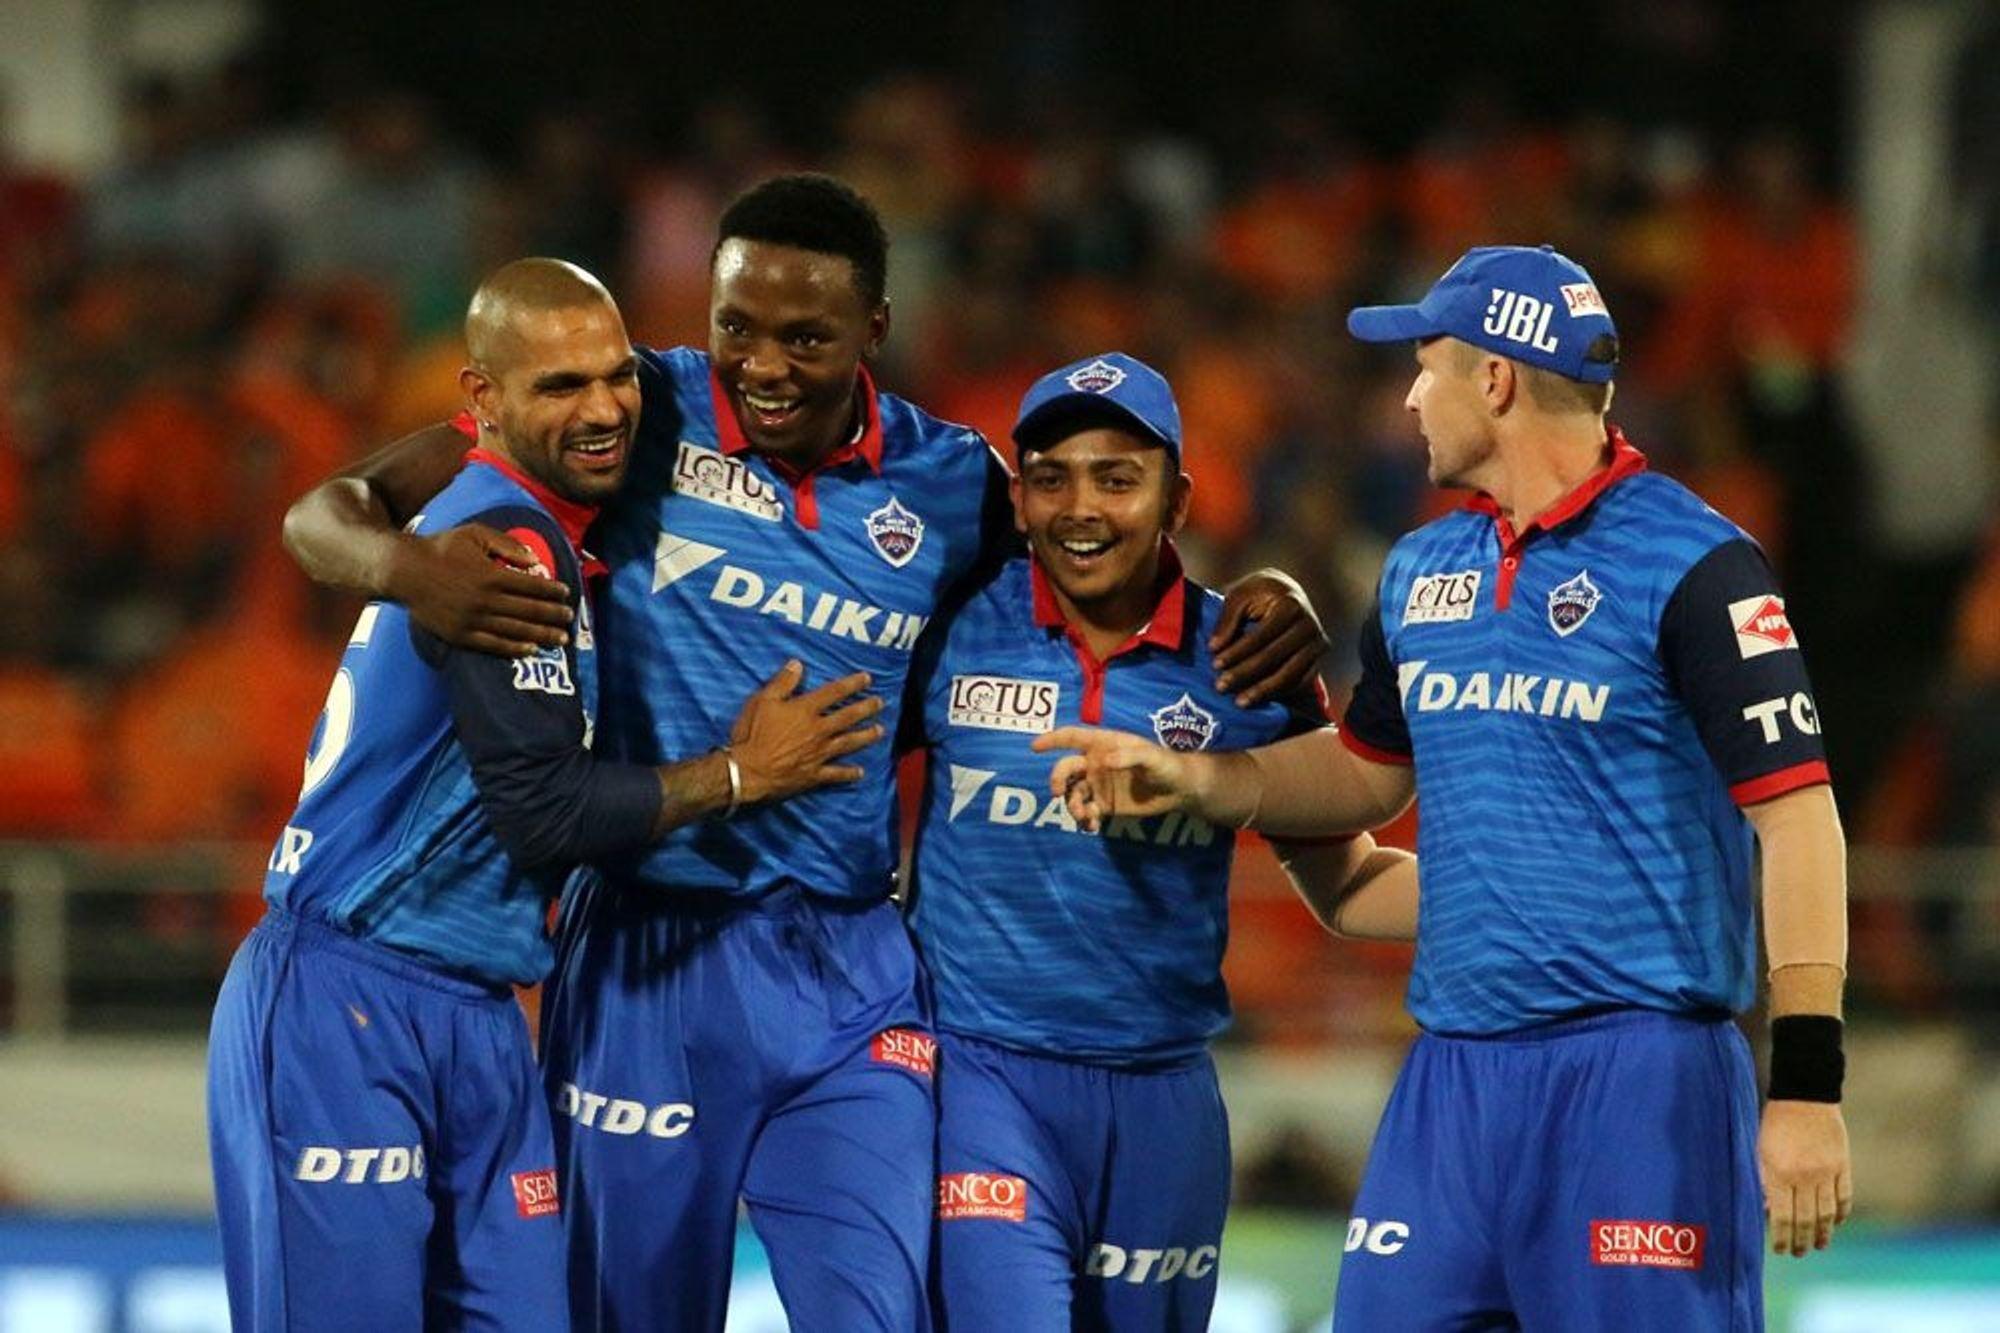 दिल्लीने 11 पैकी 7 सामने जिंकून 14 गुणांसह दुसऱे स्थान पटकावले आहे. उरलेल्या तीन सामन्यात त्यांनी विजय मिळवल्यास 20 गुणांसह ते अव्वल स्थान पटकावतील